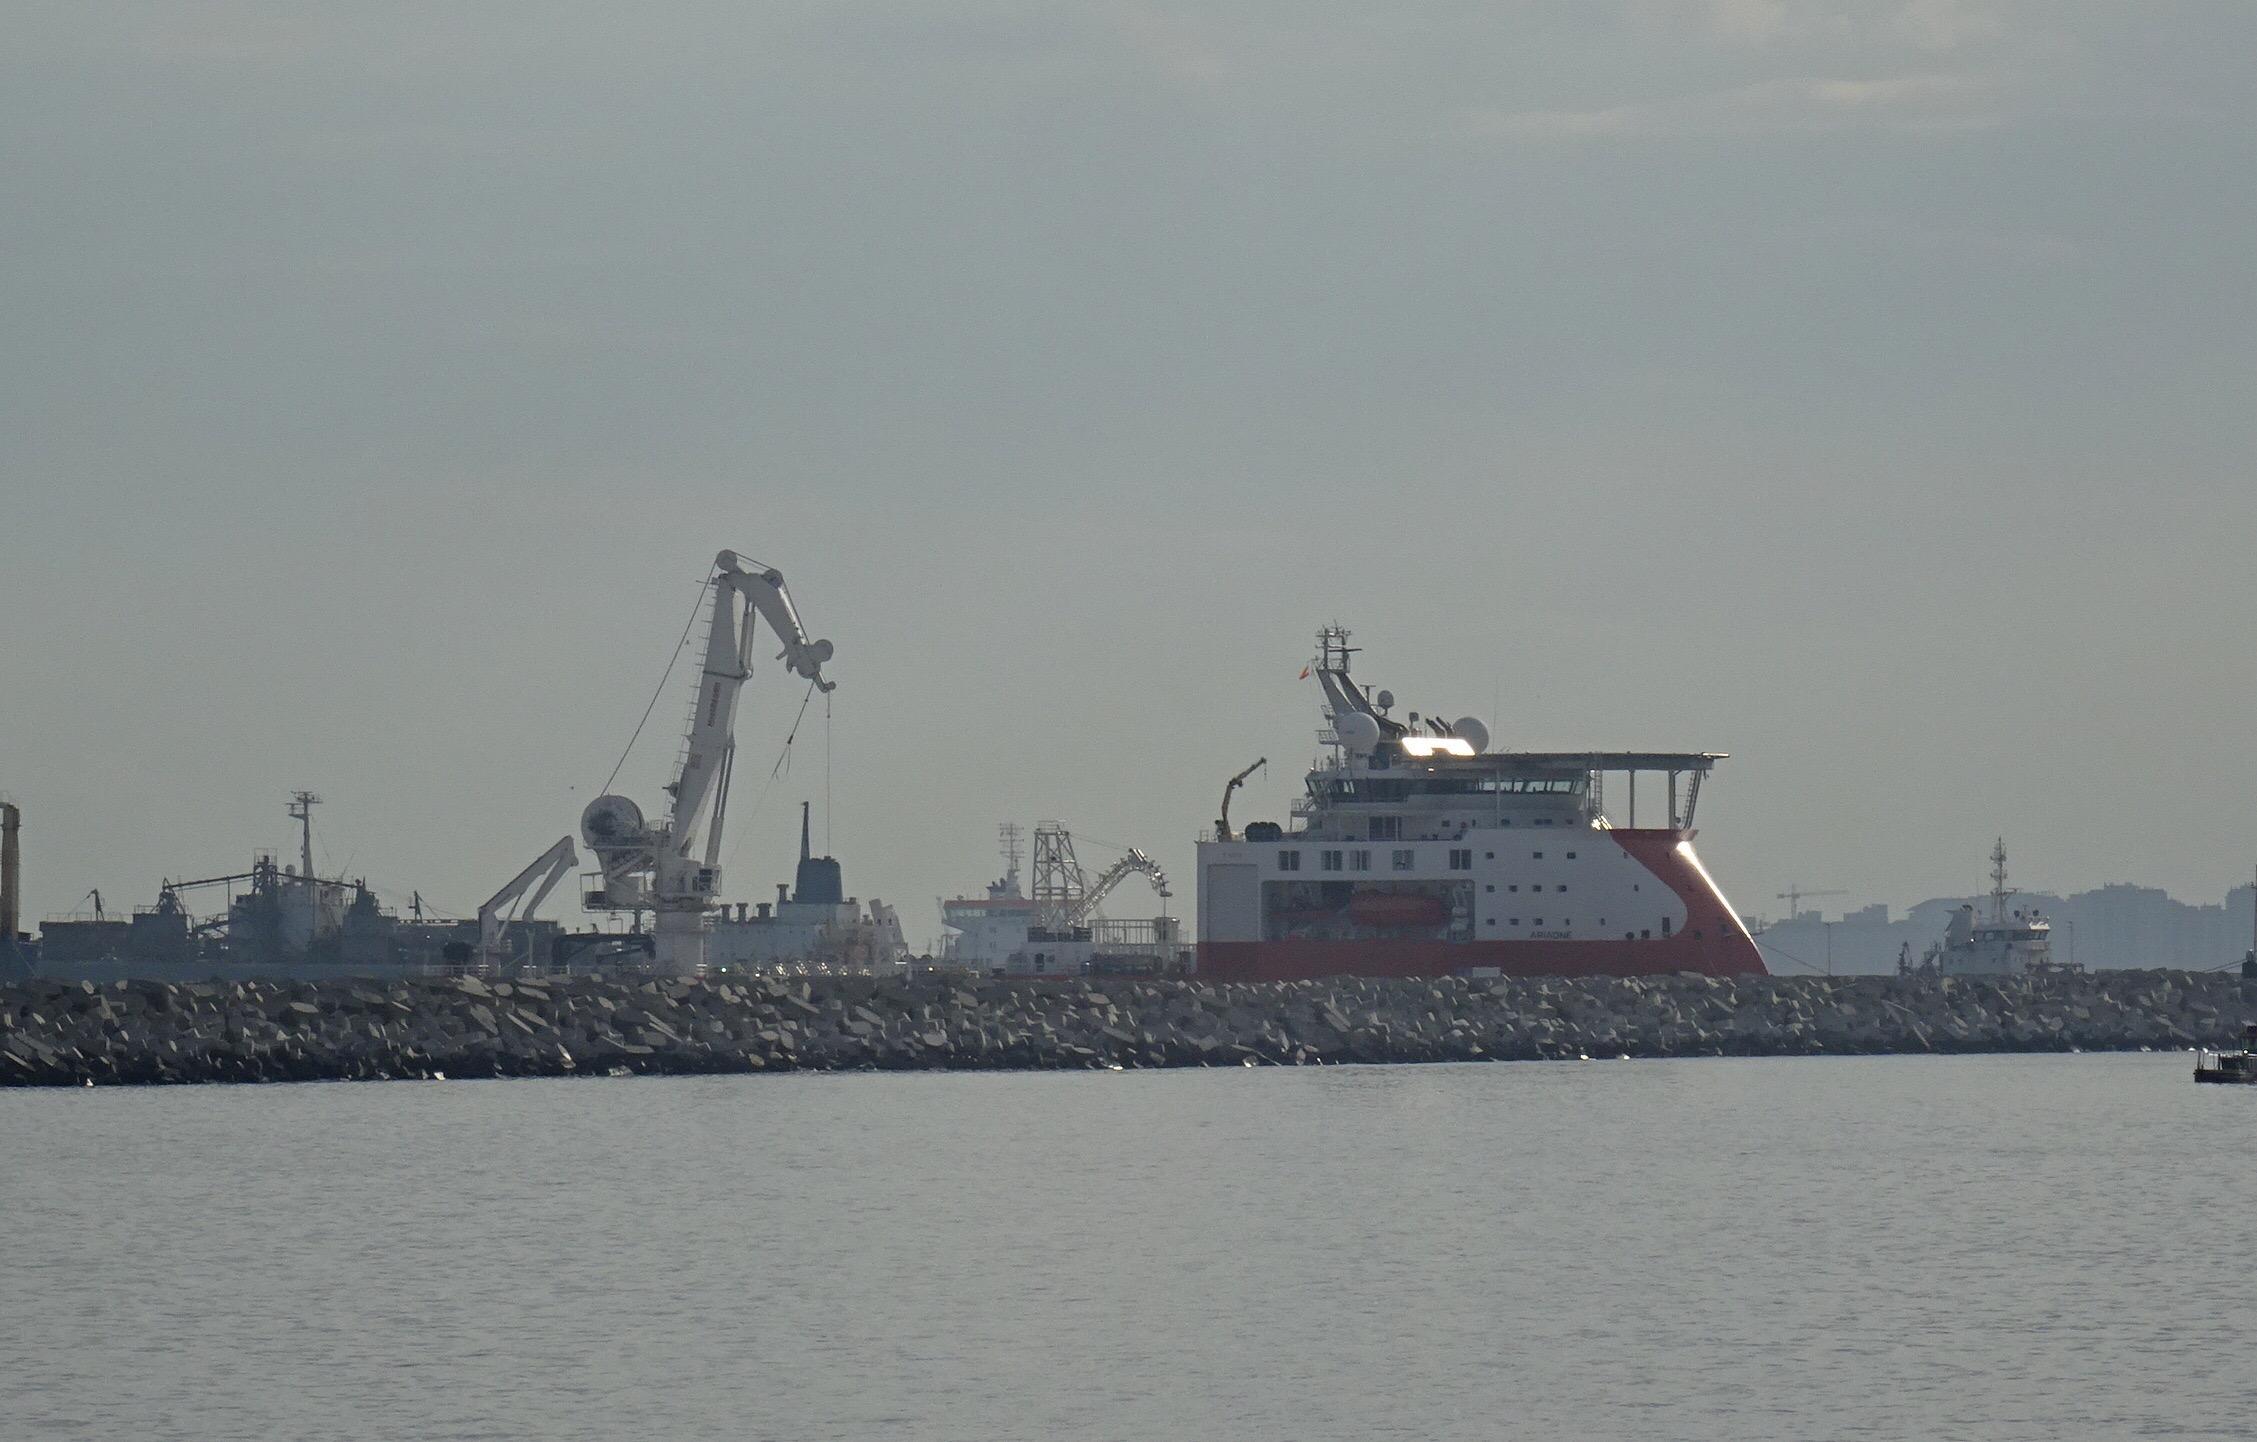 Ecologistas vuelven a denunciar la actuación del buque cablero en el Estrecho